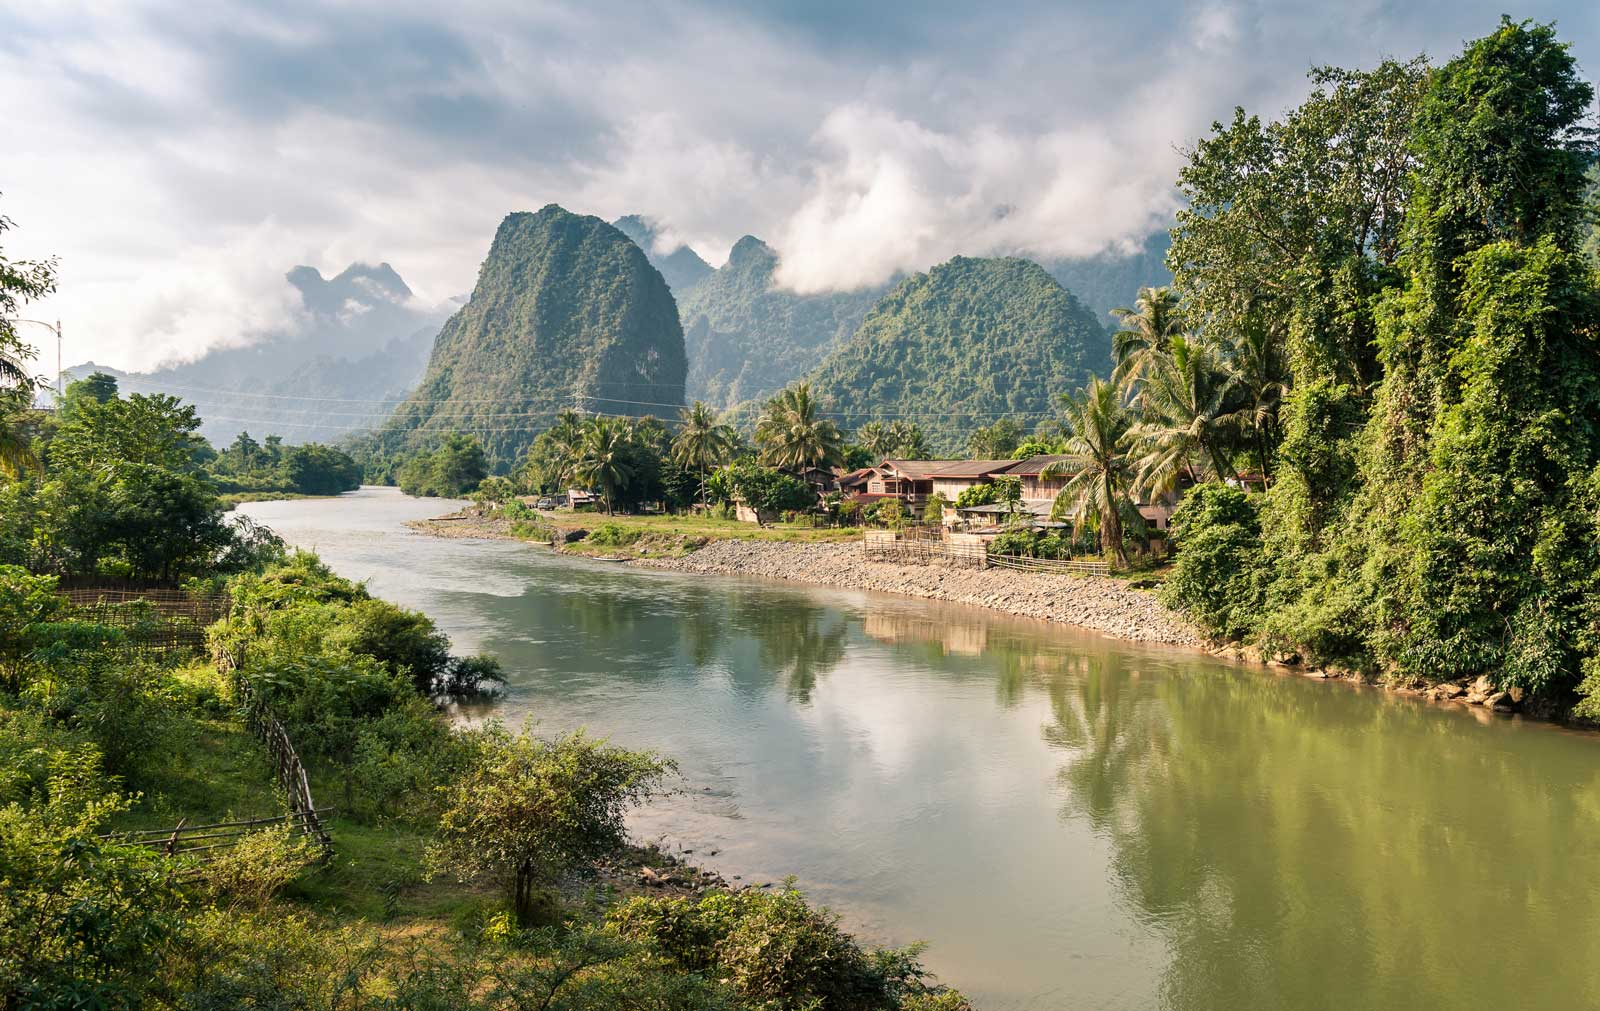 Paysage de la rivière Nam Song à Vang Vieng, Laos